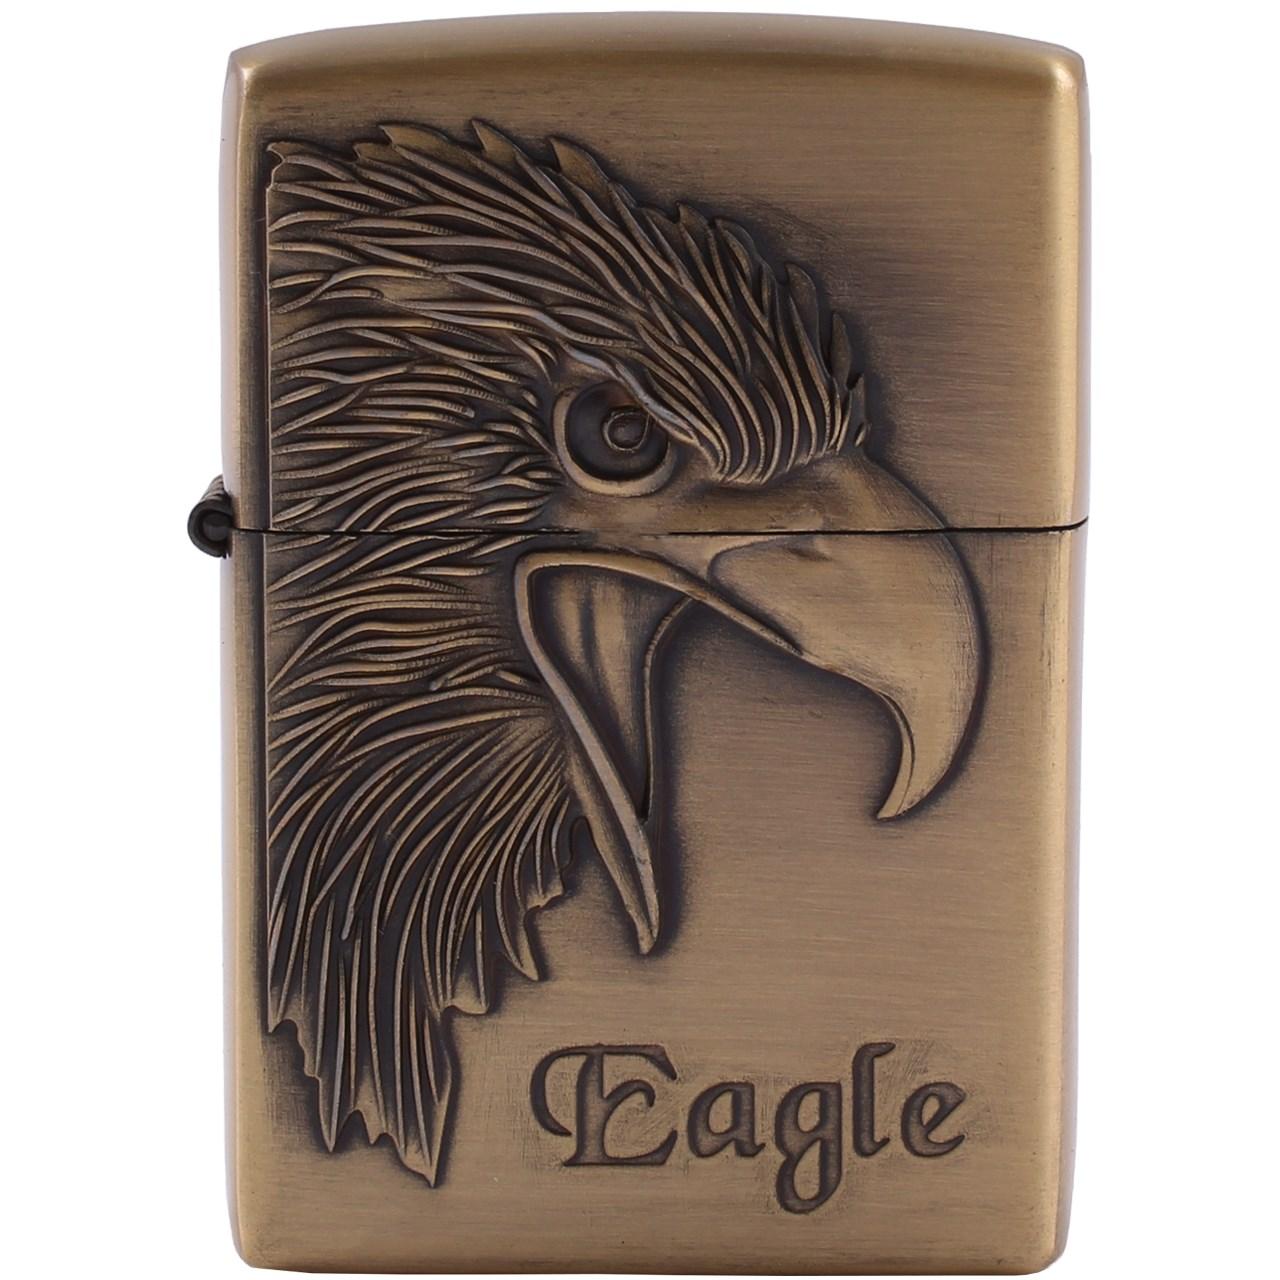 فندک کیانتای مدل Eagle